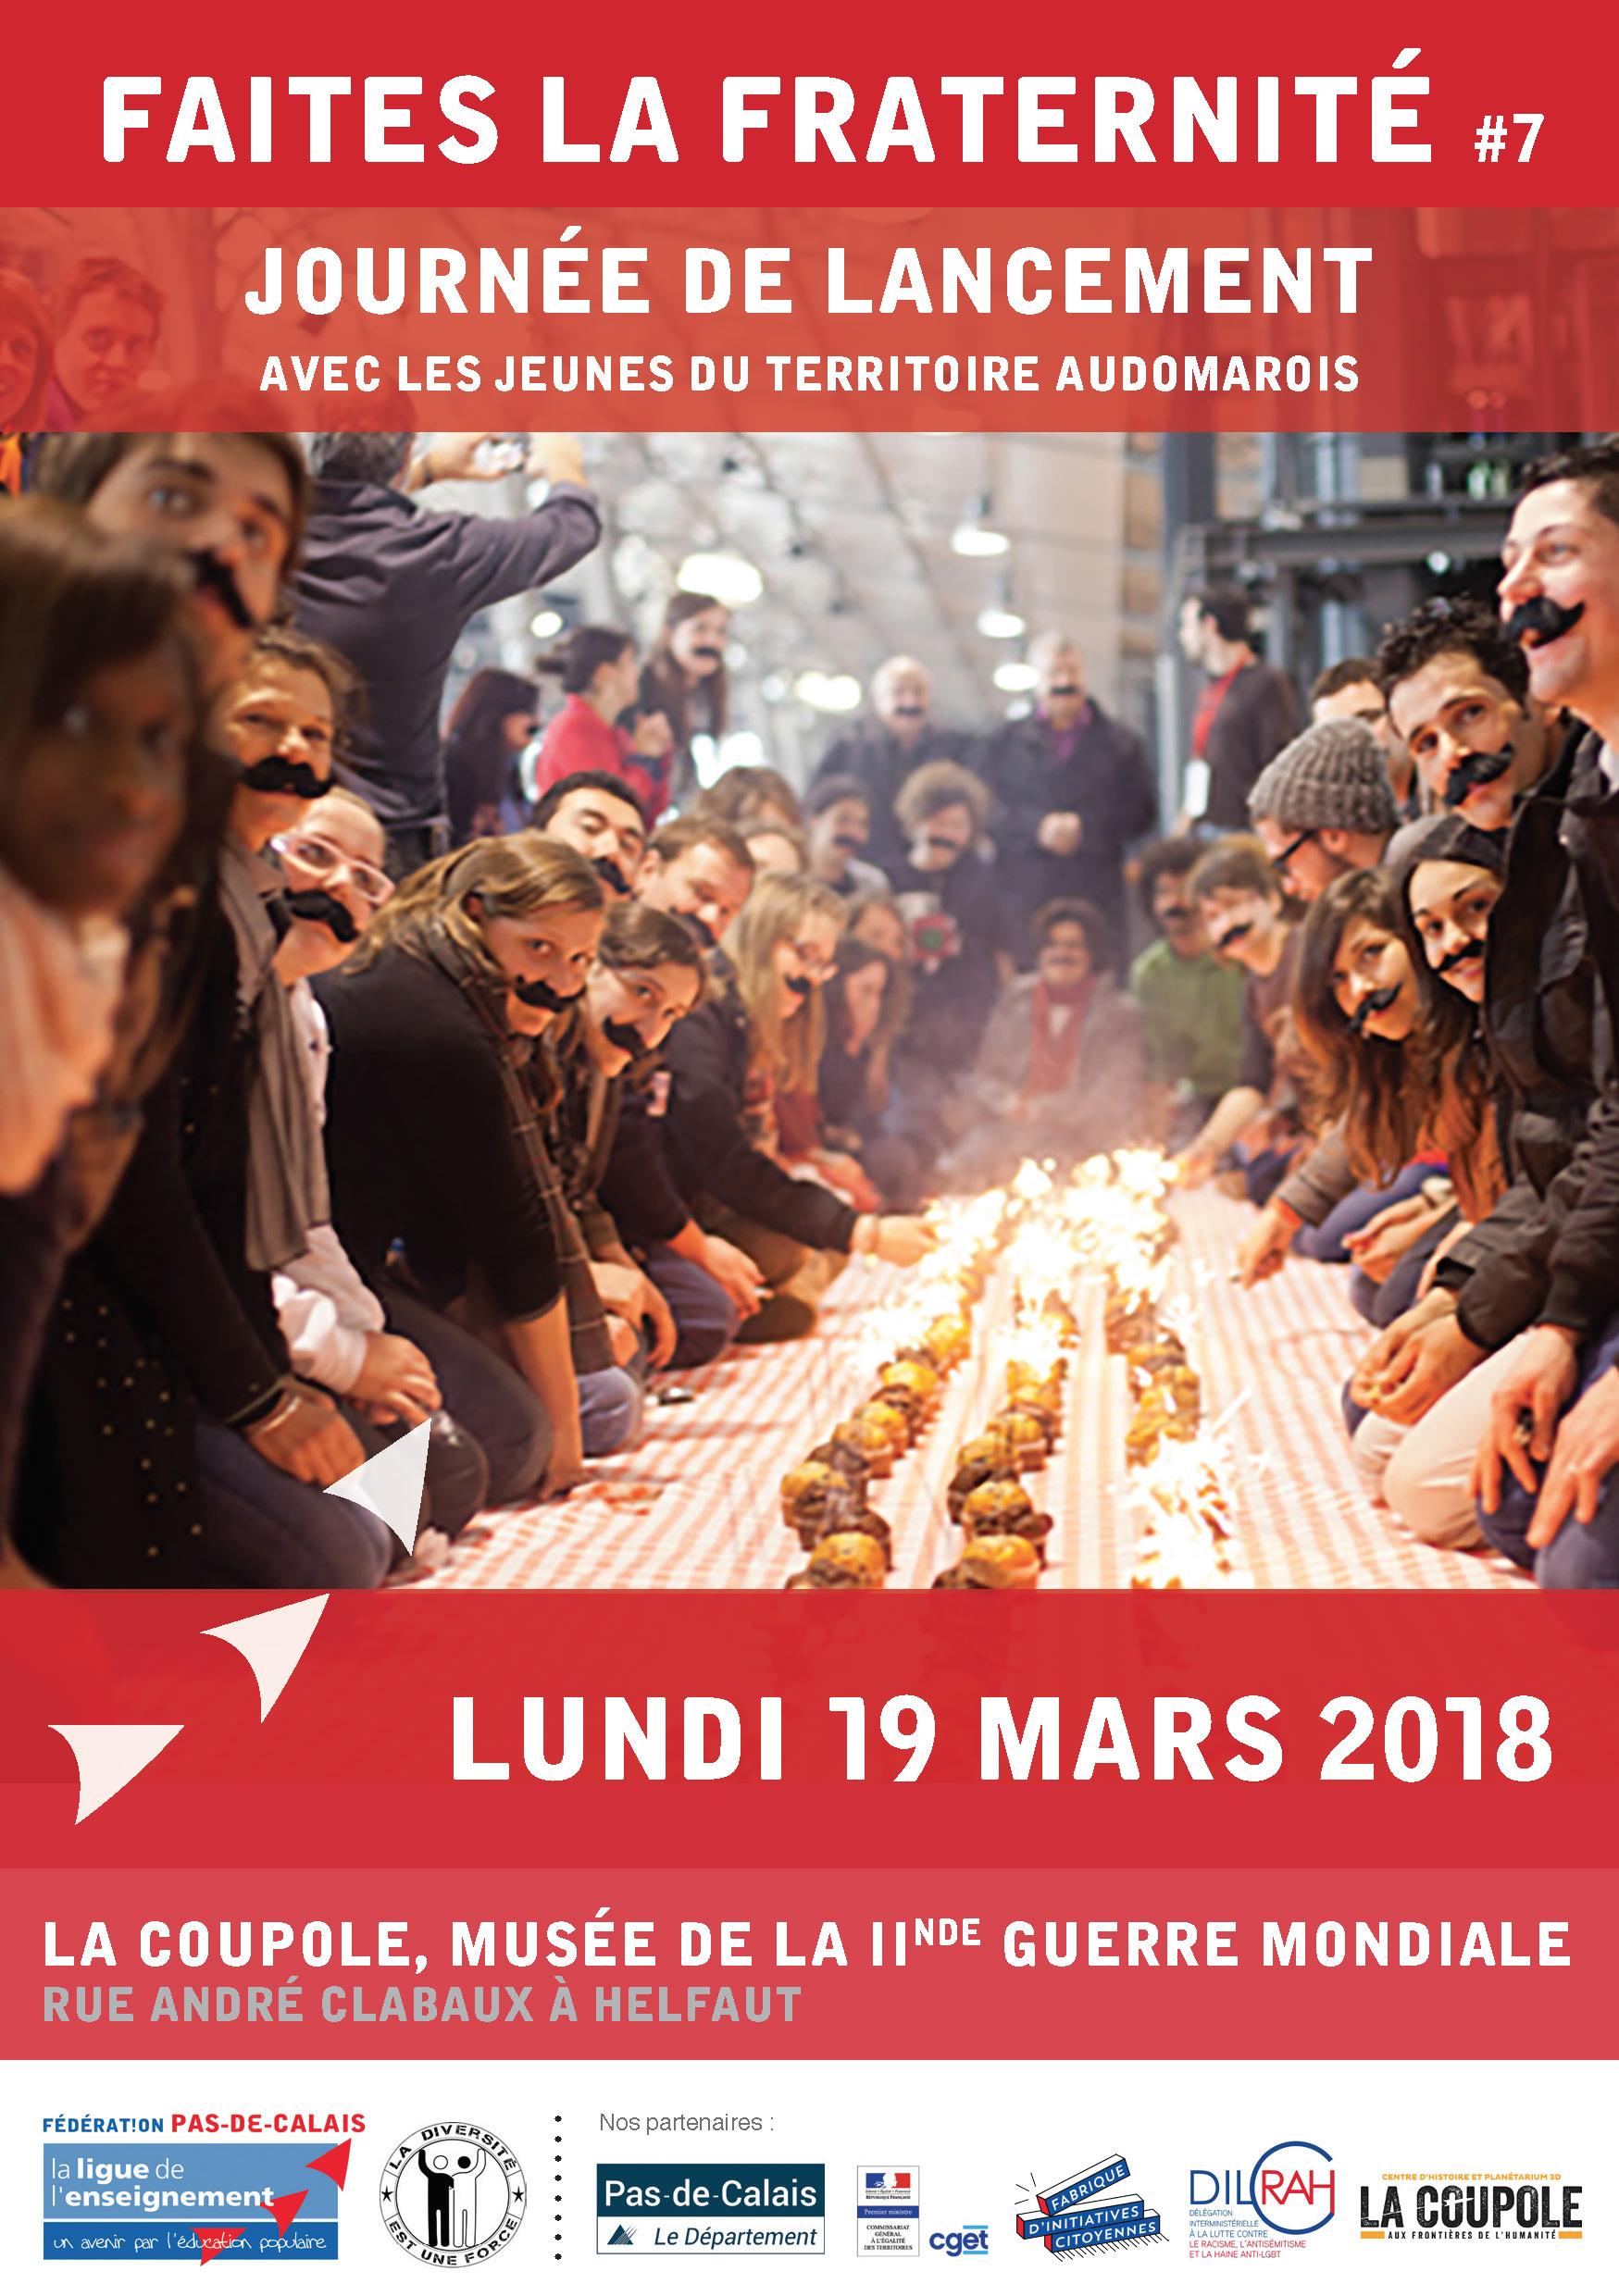 Invitation 19 mars_Journée de lancement Faites la Fraternité 2018_Page_1